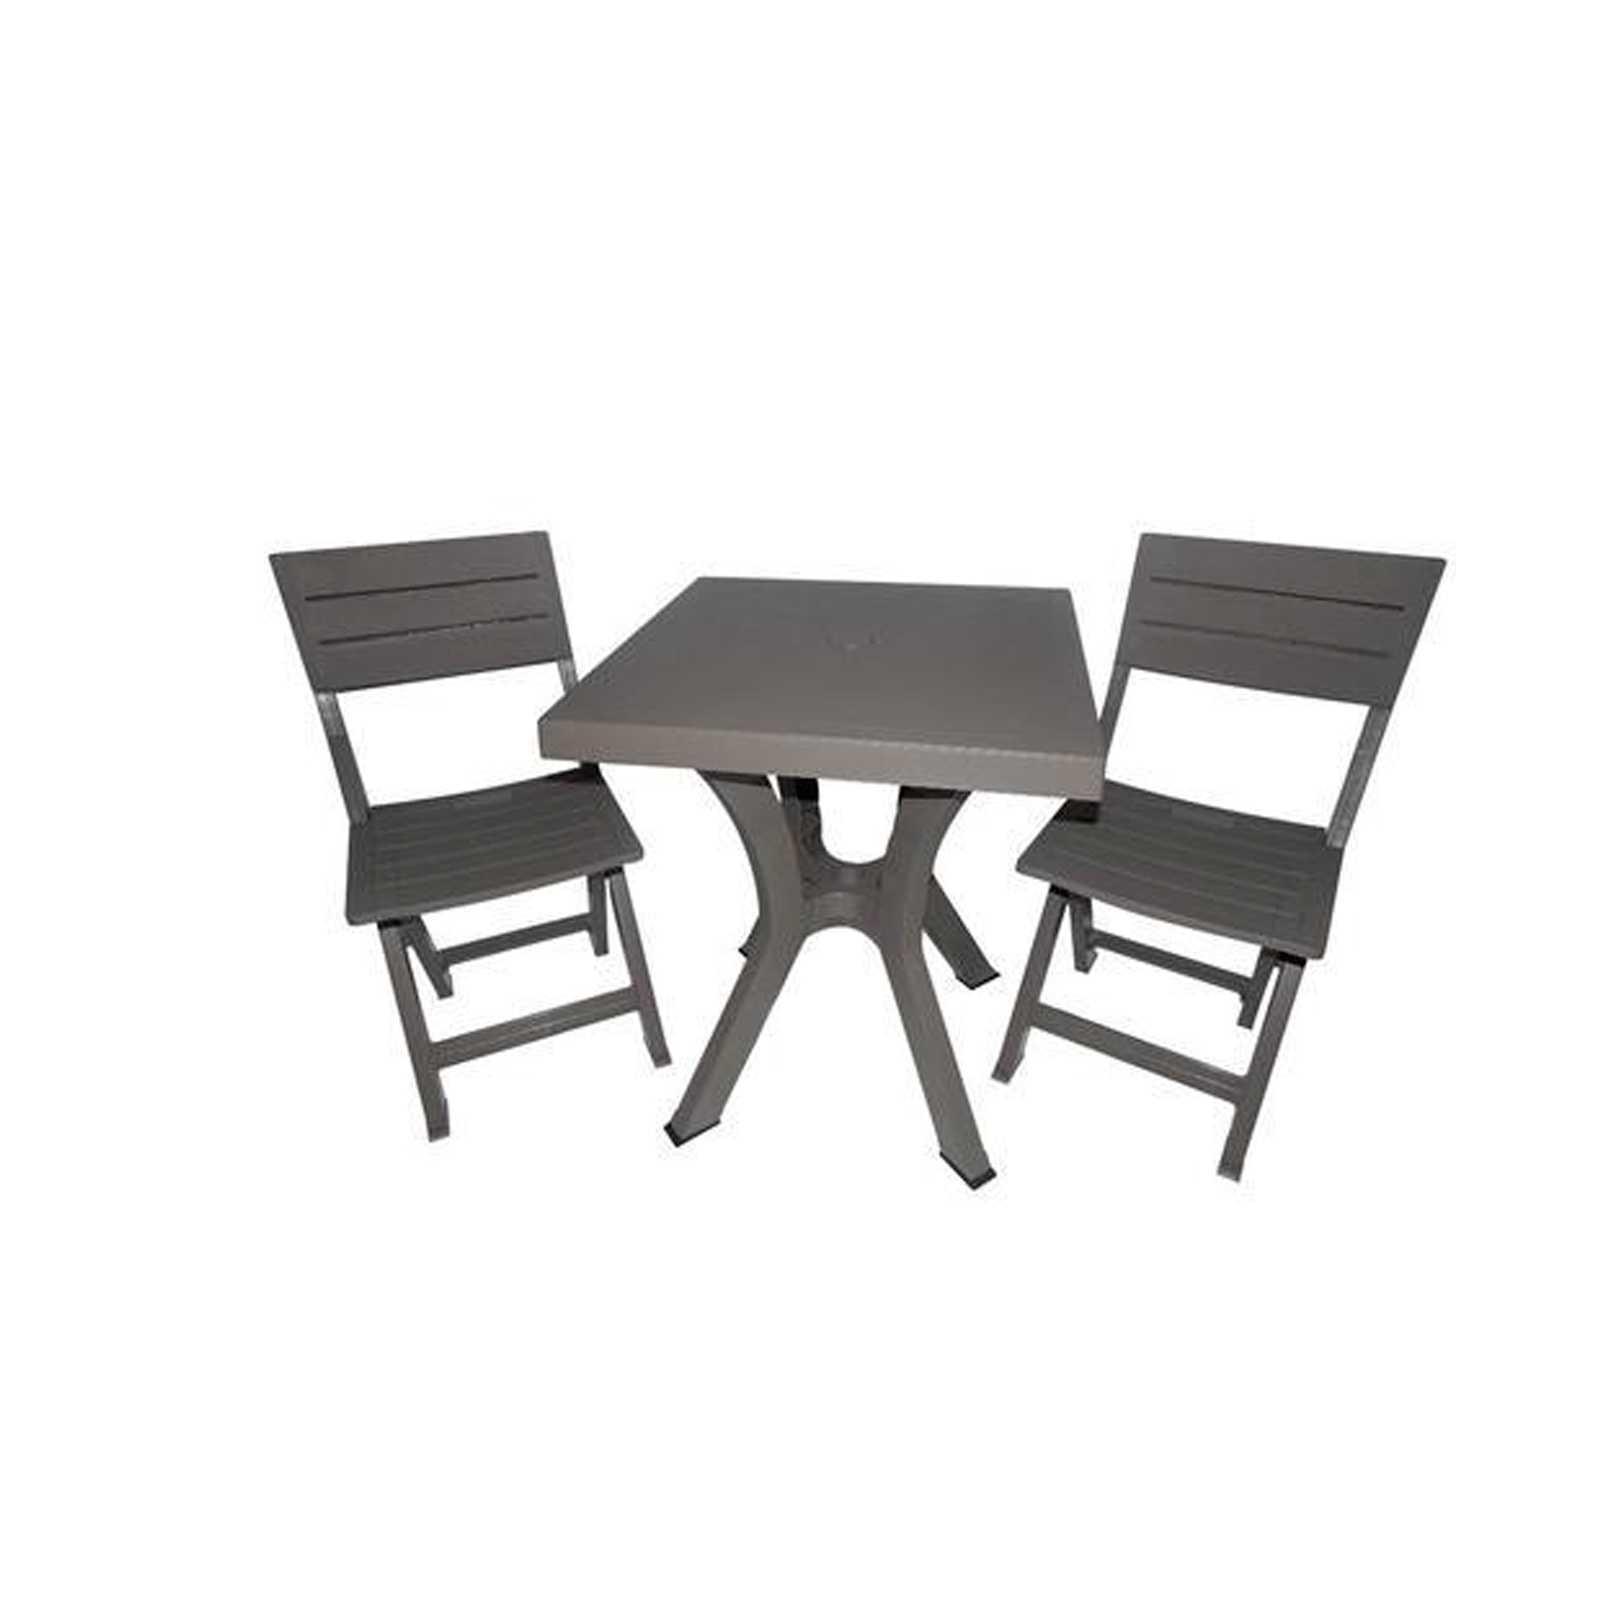 Arredo Duetto resina antiurto tortora con tavolo ad incrocio e due sedie pieghevoli